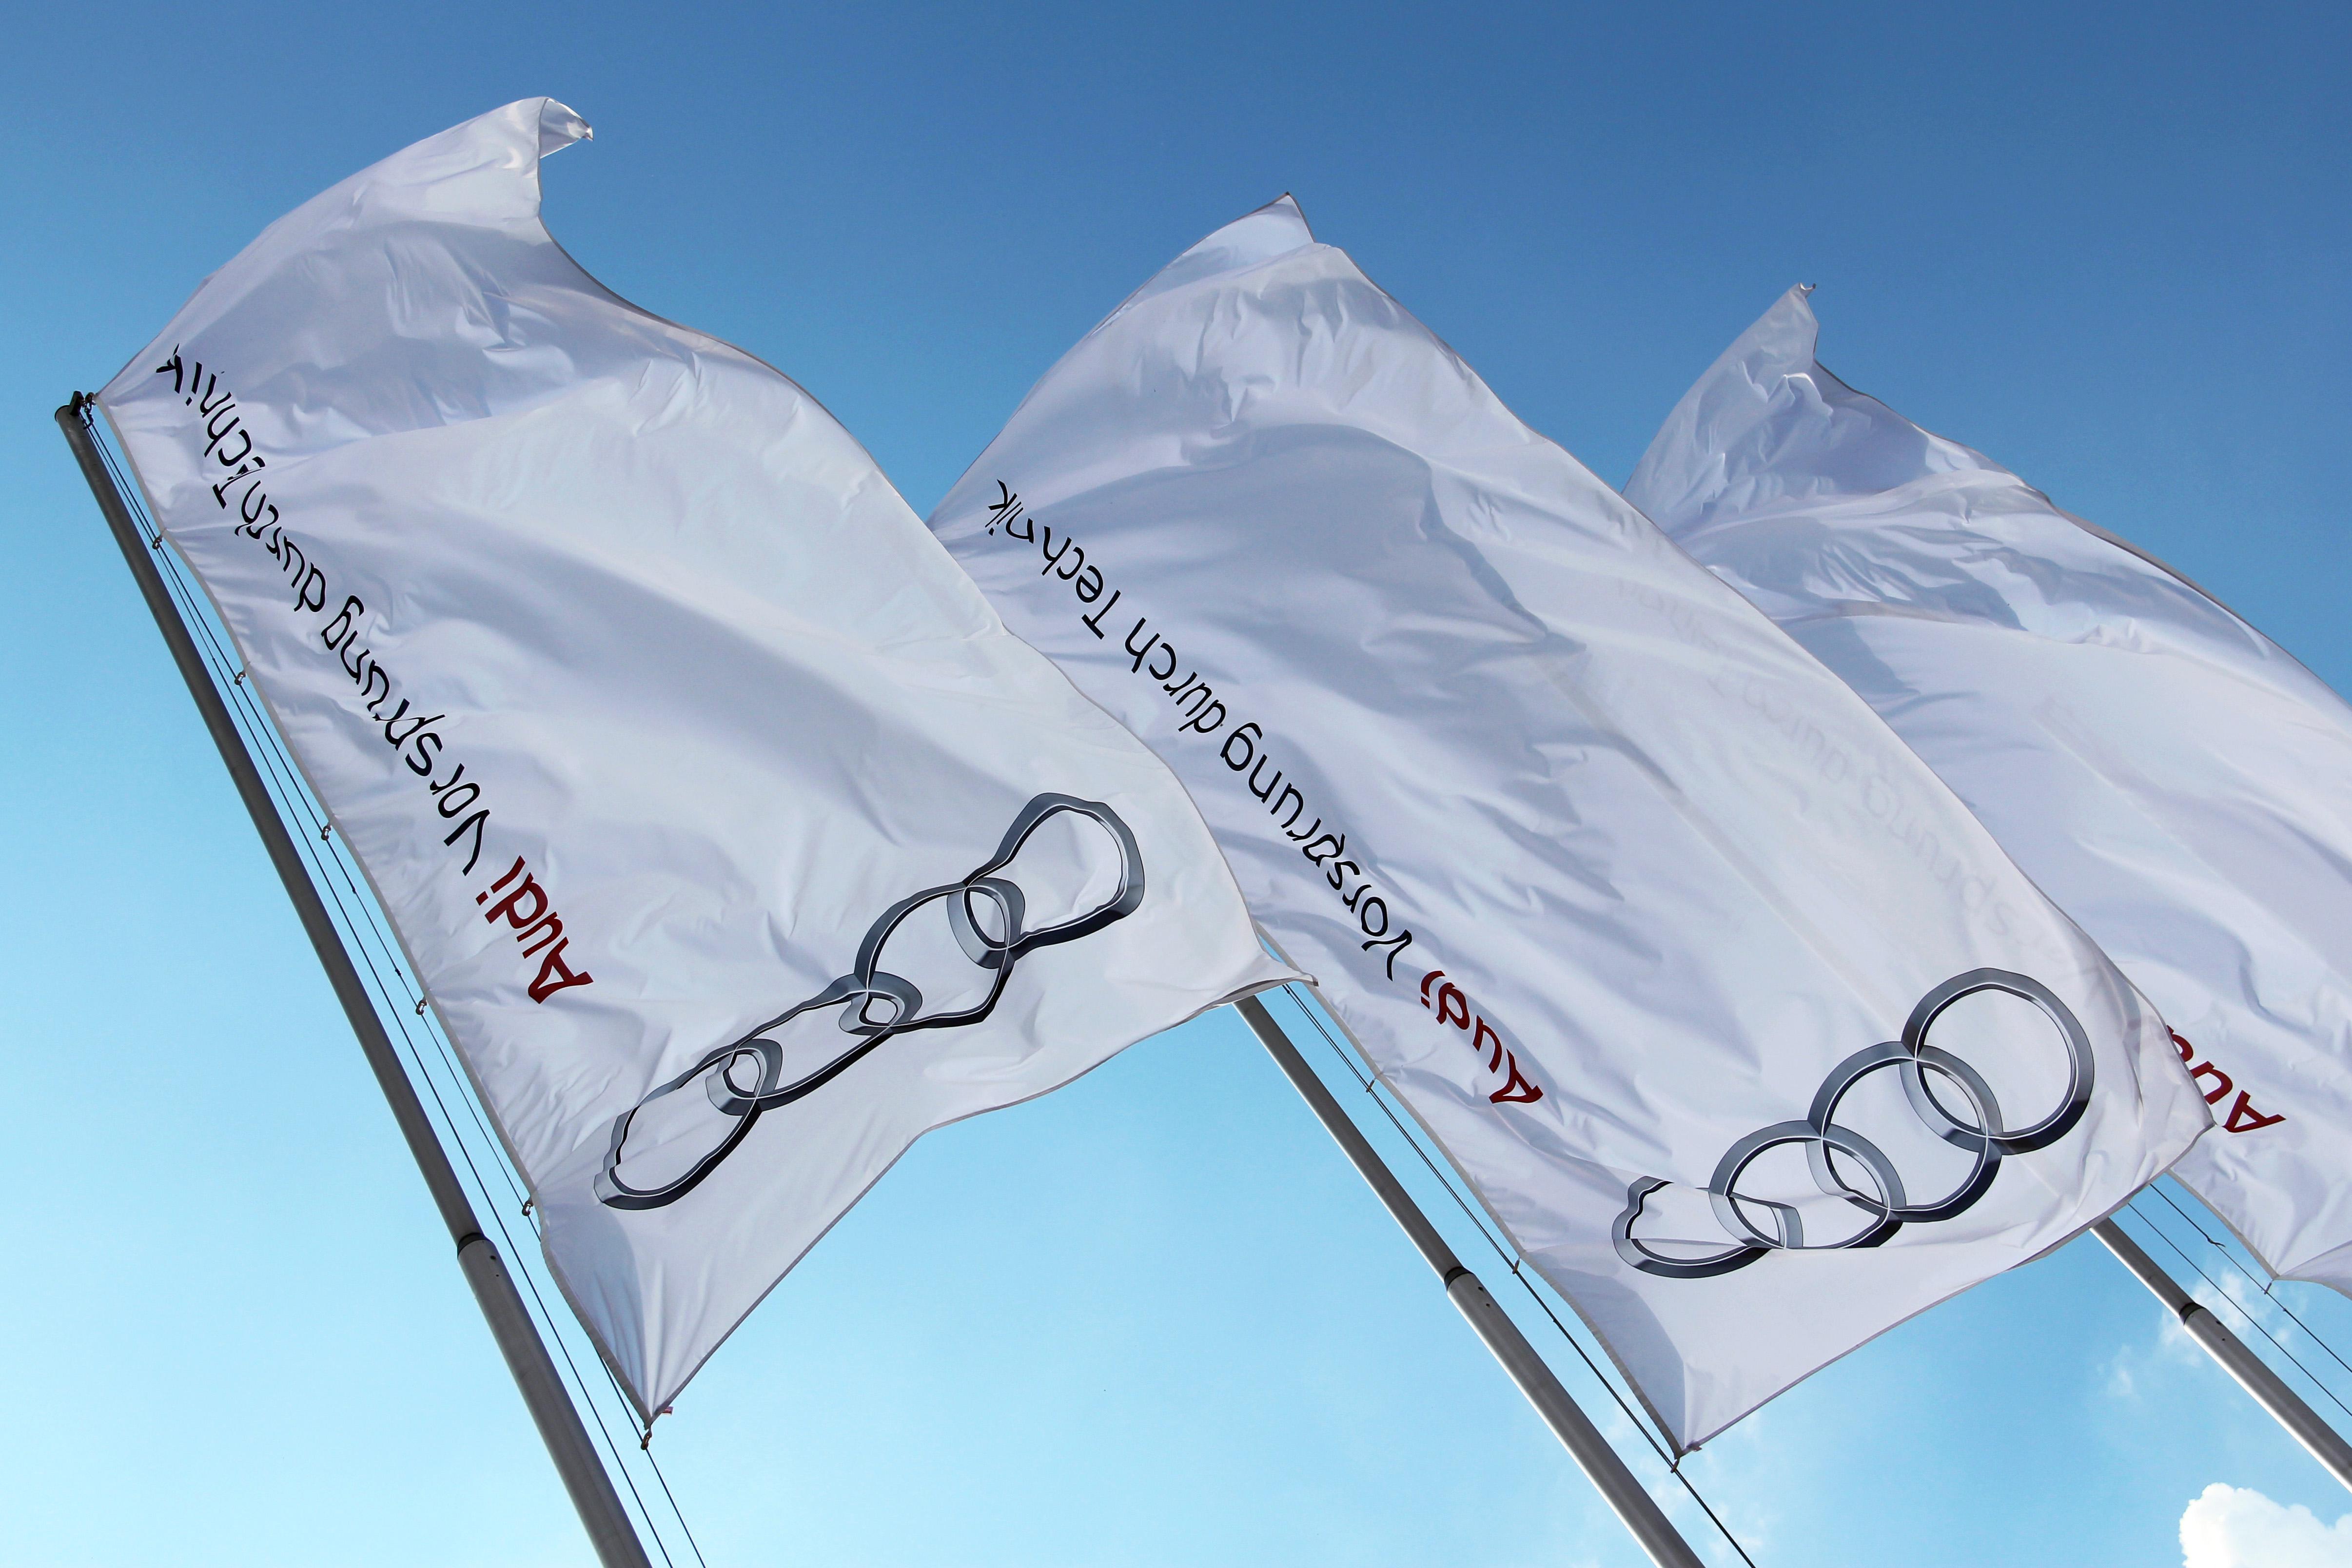 Vége a sztrájknak, megállapodott az Audi és a szakszervezet